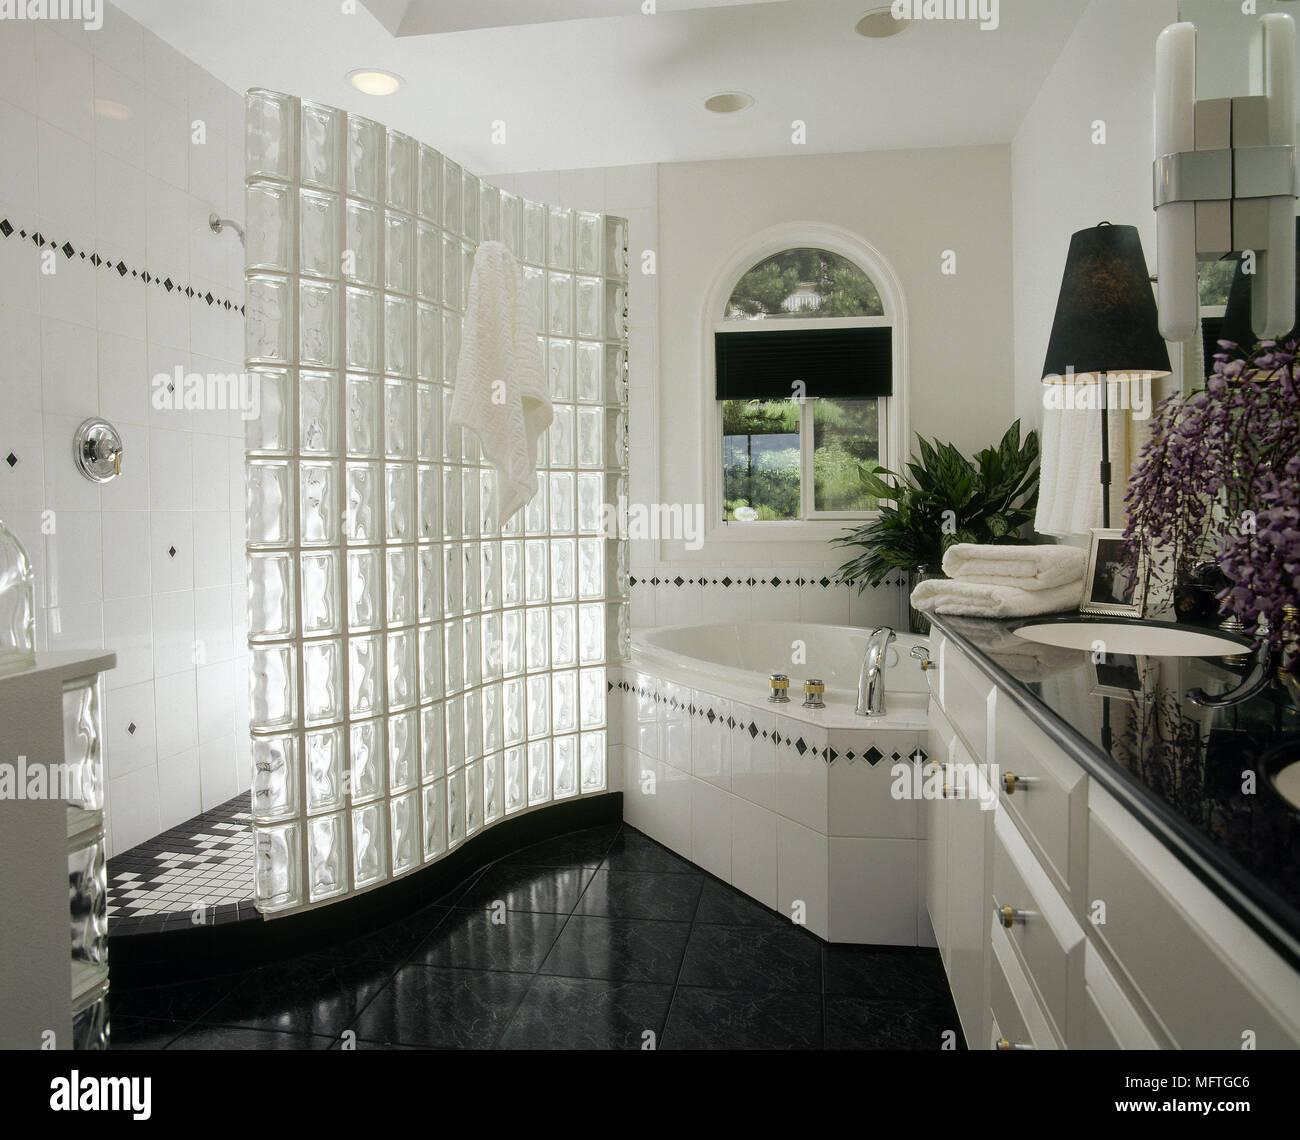 Moderne, weiße Badezimmer Eckbadewanne dusche Glasbaustein Dusche ...